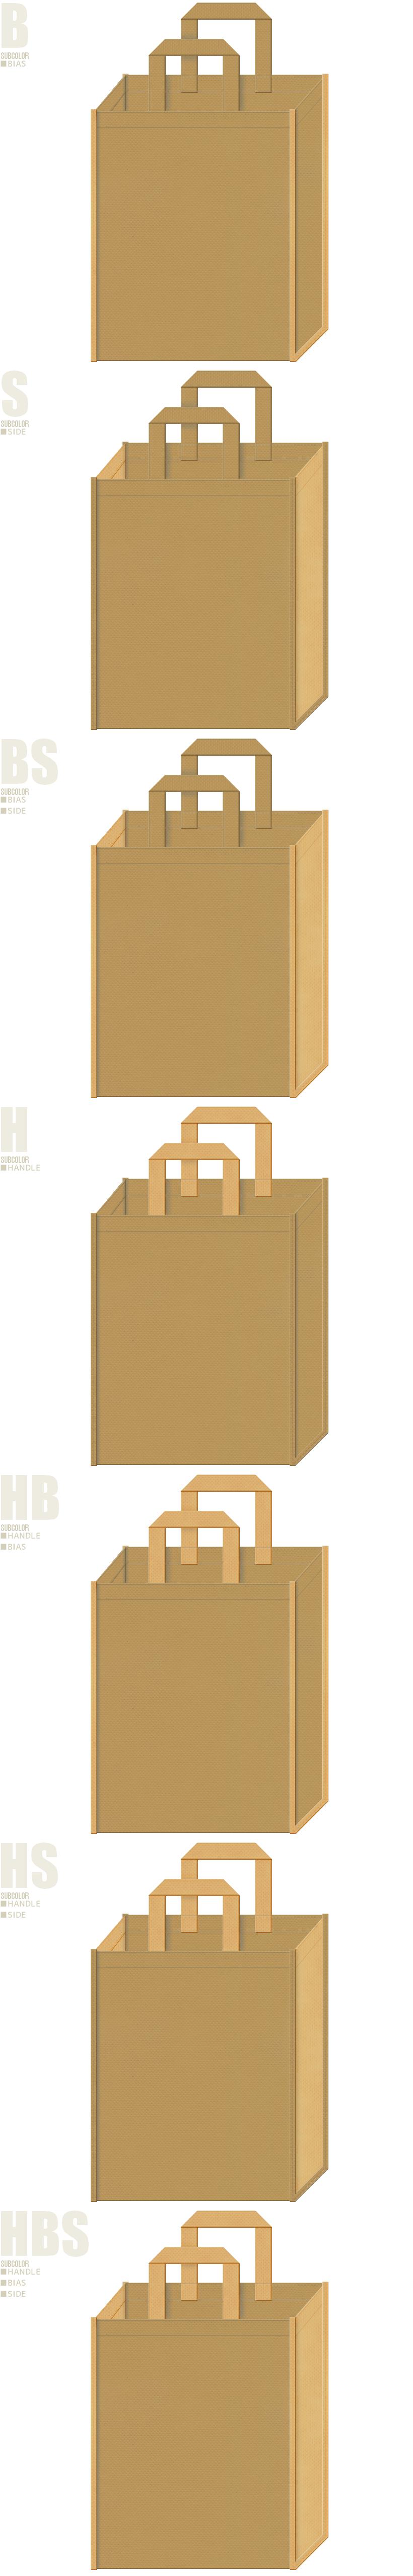 毛糸・手芸教室・木材・工作教室・木版・日曜大工・作業用品・DIYの展示会用バッグにお奨めの不織布バッグデザイン:金黄土色と薄黄土色の配色7パターン